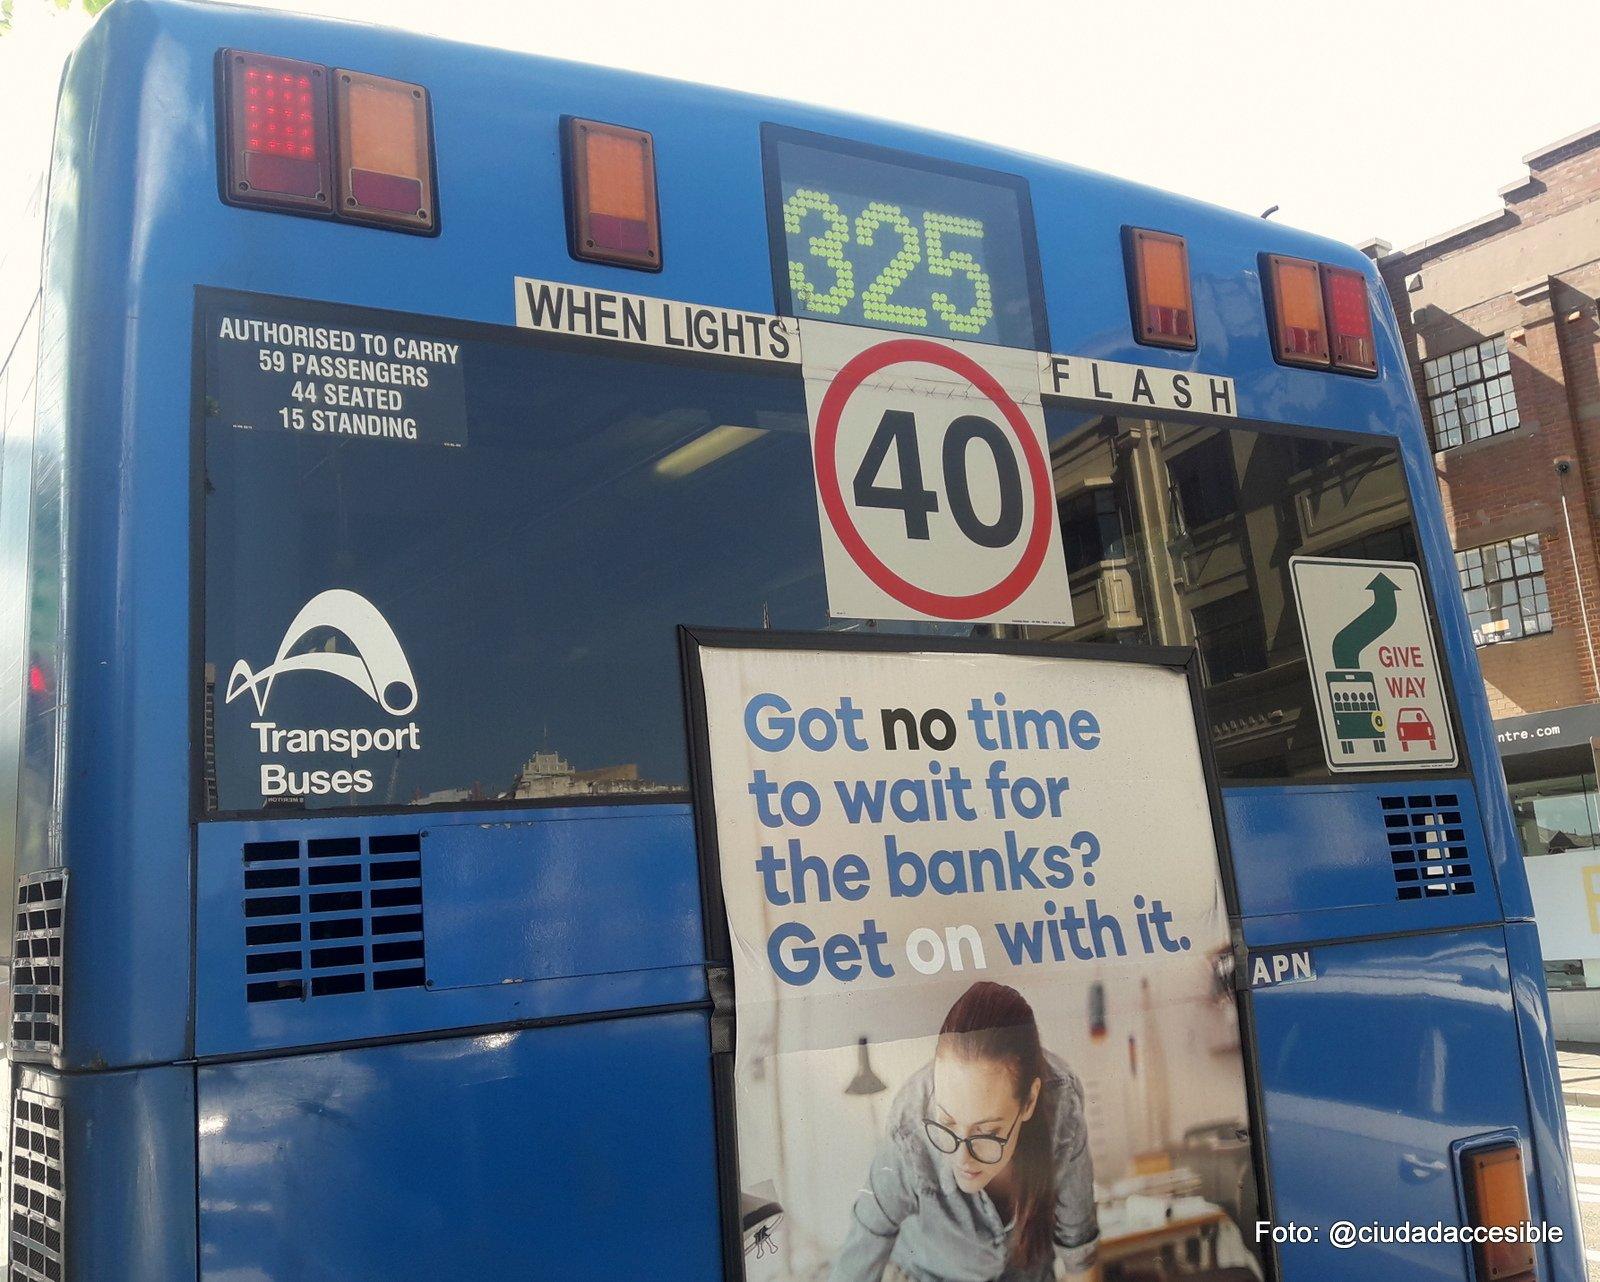 Bus accesible en Sydney que indica en su exterior la capacidad máxima de pasajeros que puede llevar en su interior